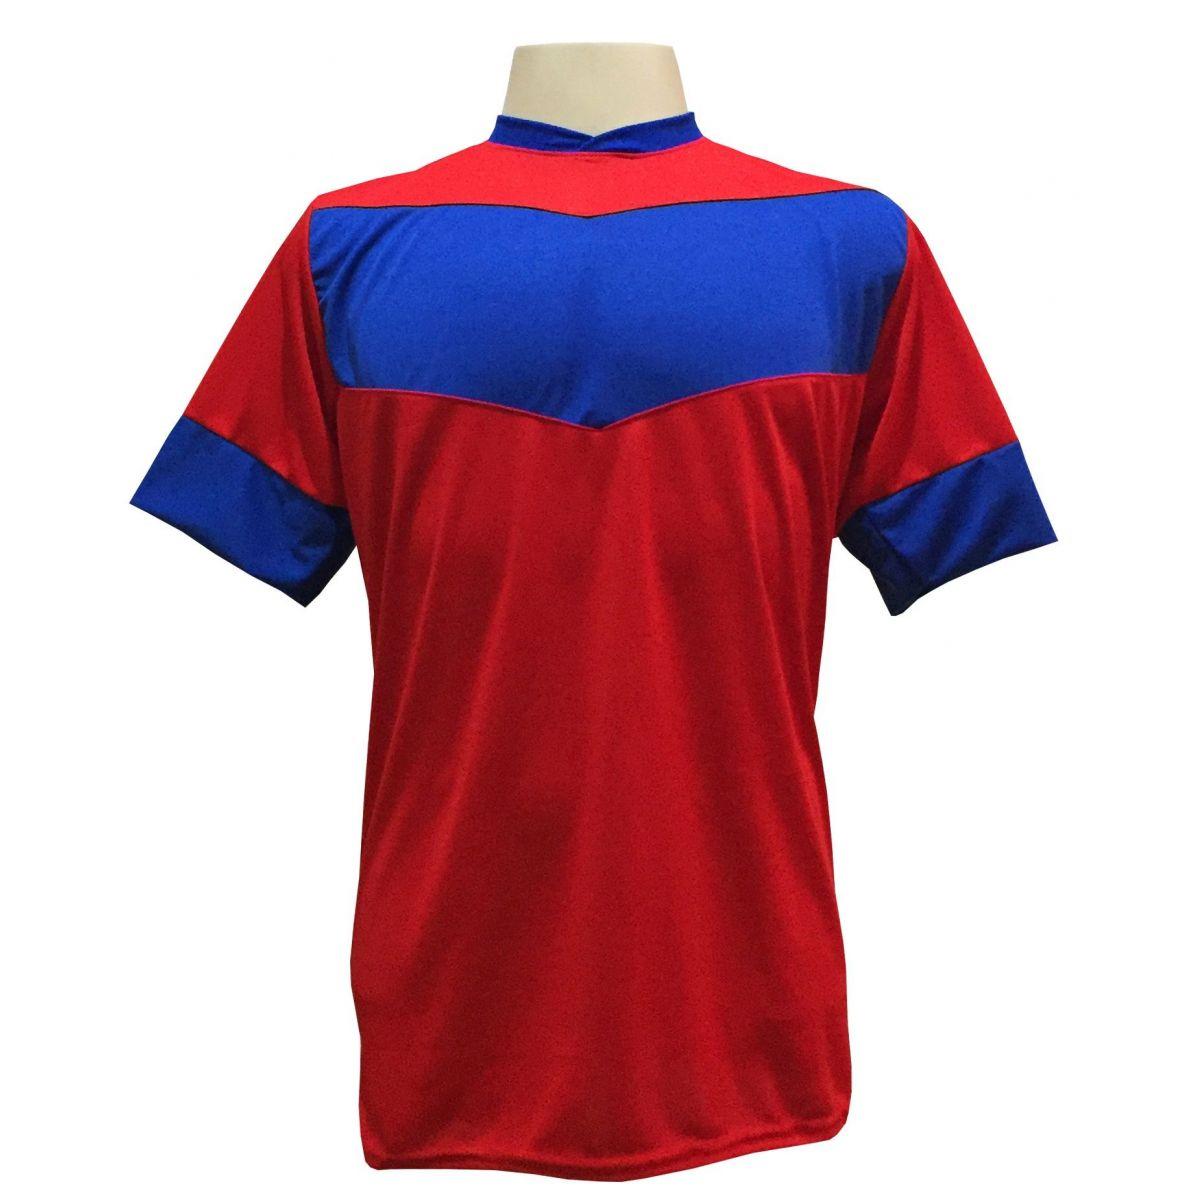 Uniforme Esportivo com 18 camisas modelo Columbus Vermelho/Royal + 18 calções modelo Madrid Royal + Brindes